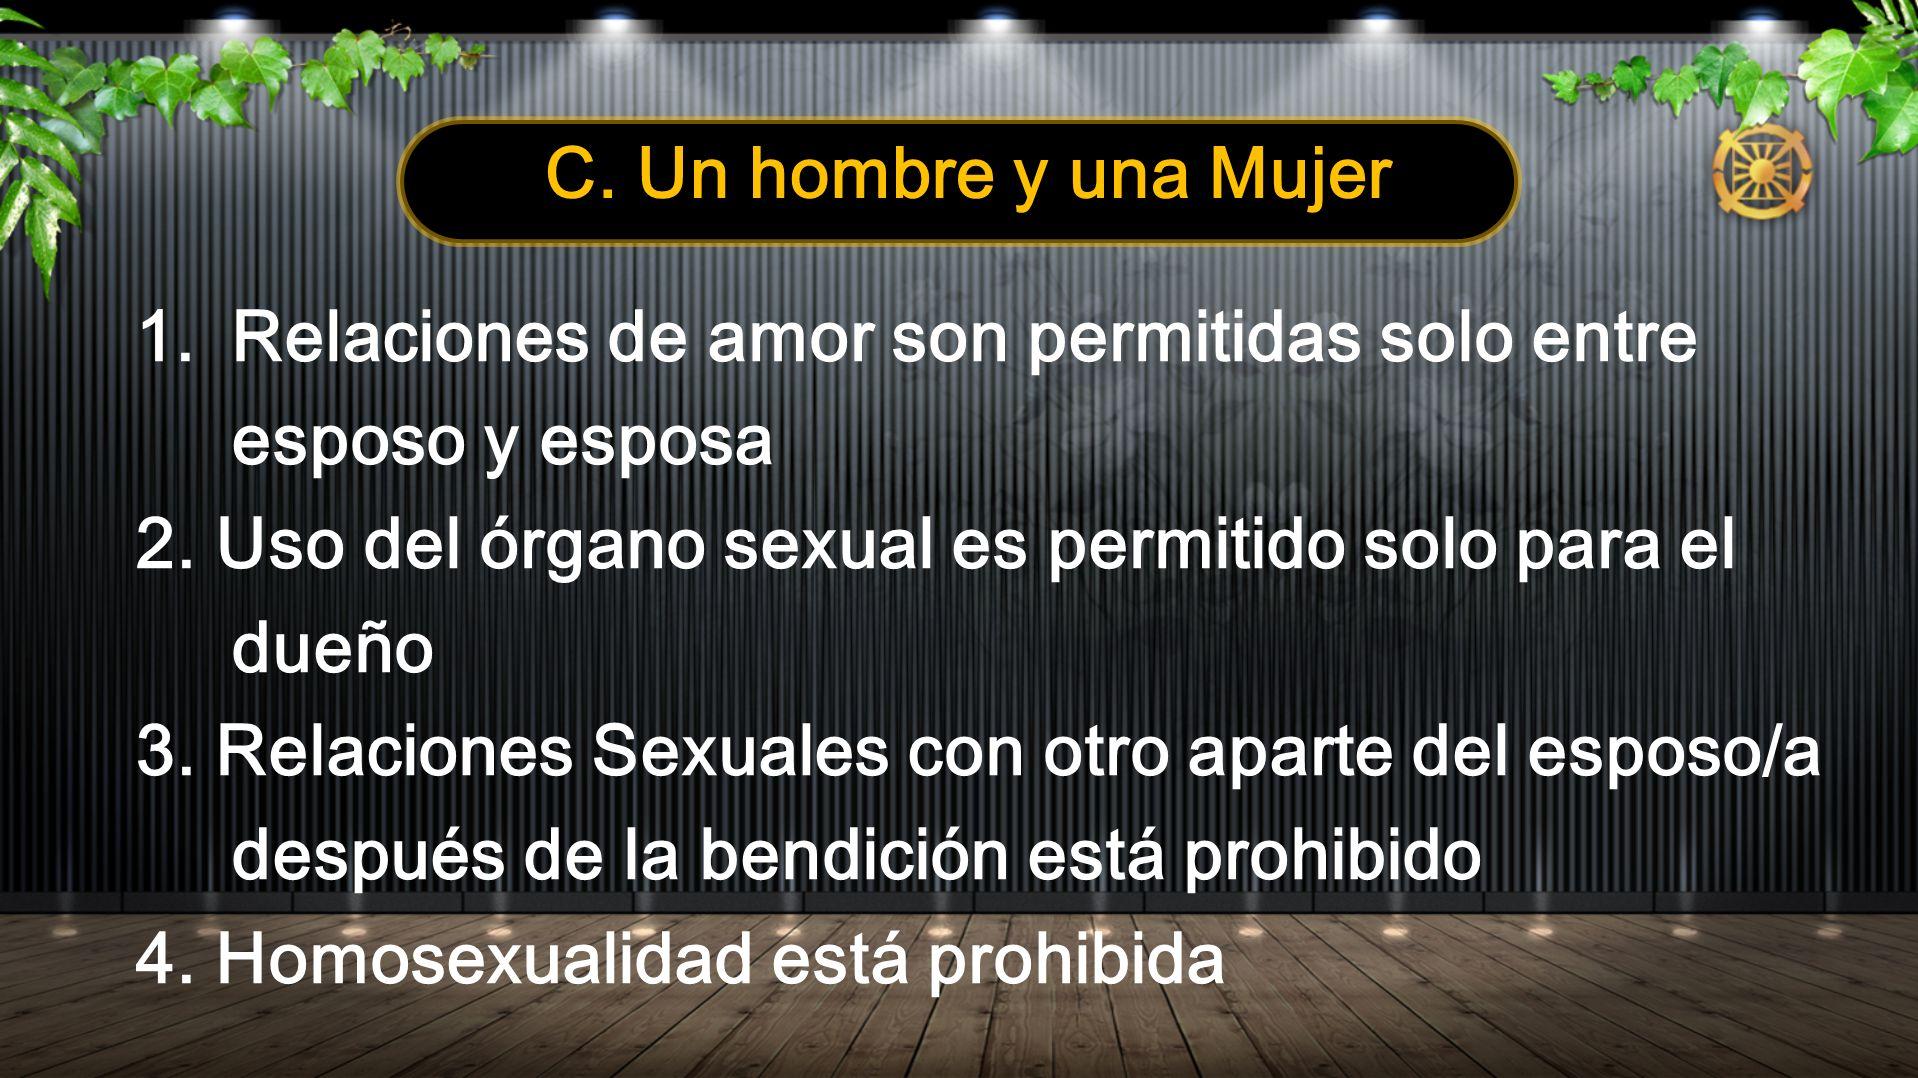 C. Un hombre y una Mujer Relaciones de amor son permitidas solo entre esposo y esposa. 2. Uso del órgano sexual es permitido solo para el dueño.